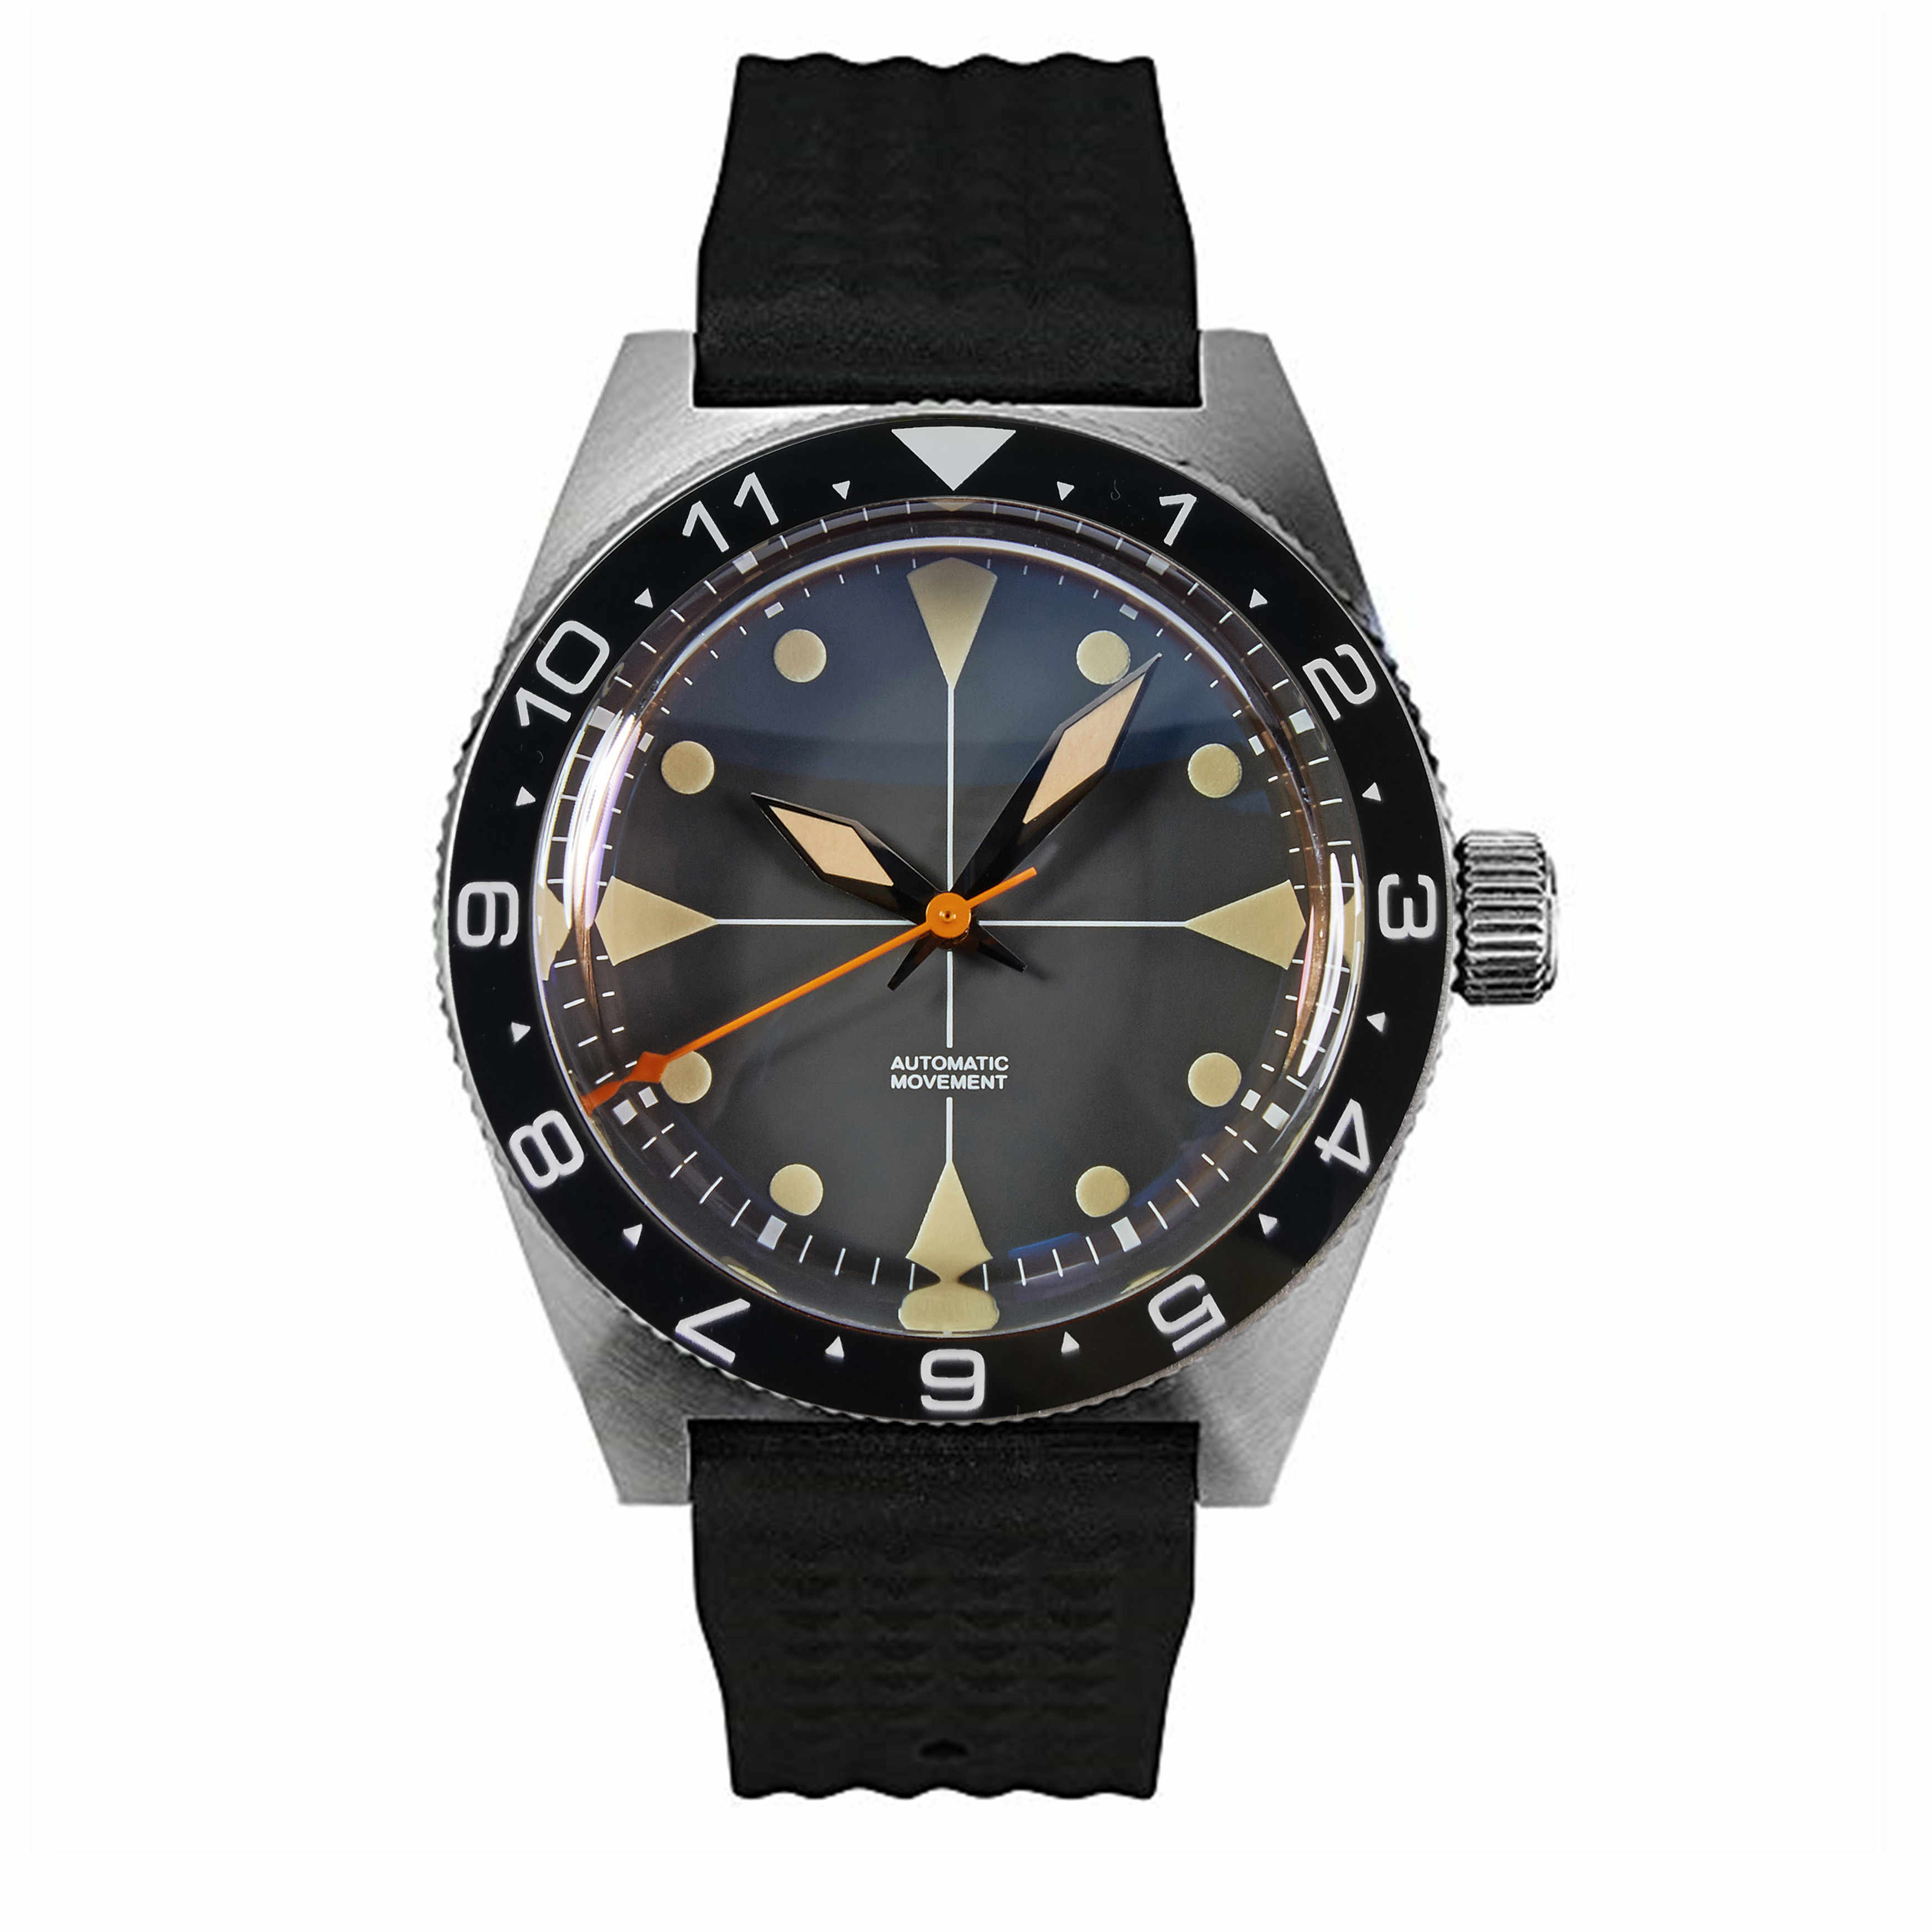 ヴィンテージ PROXIMA 40 ミリメートルブラックダイヤルセラミックベゼルドーム型クリスタル 200 メートル耐水日本 NH35 自動メンズ腕時計